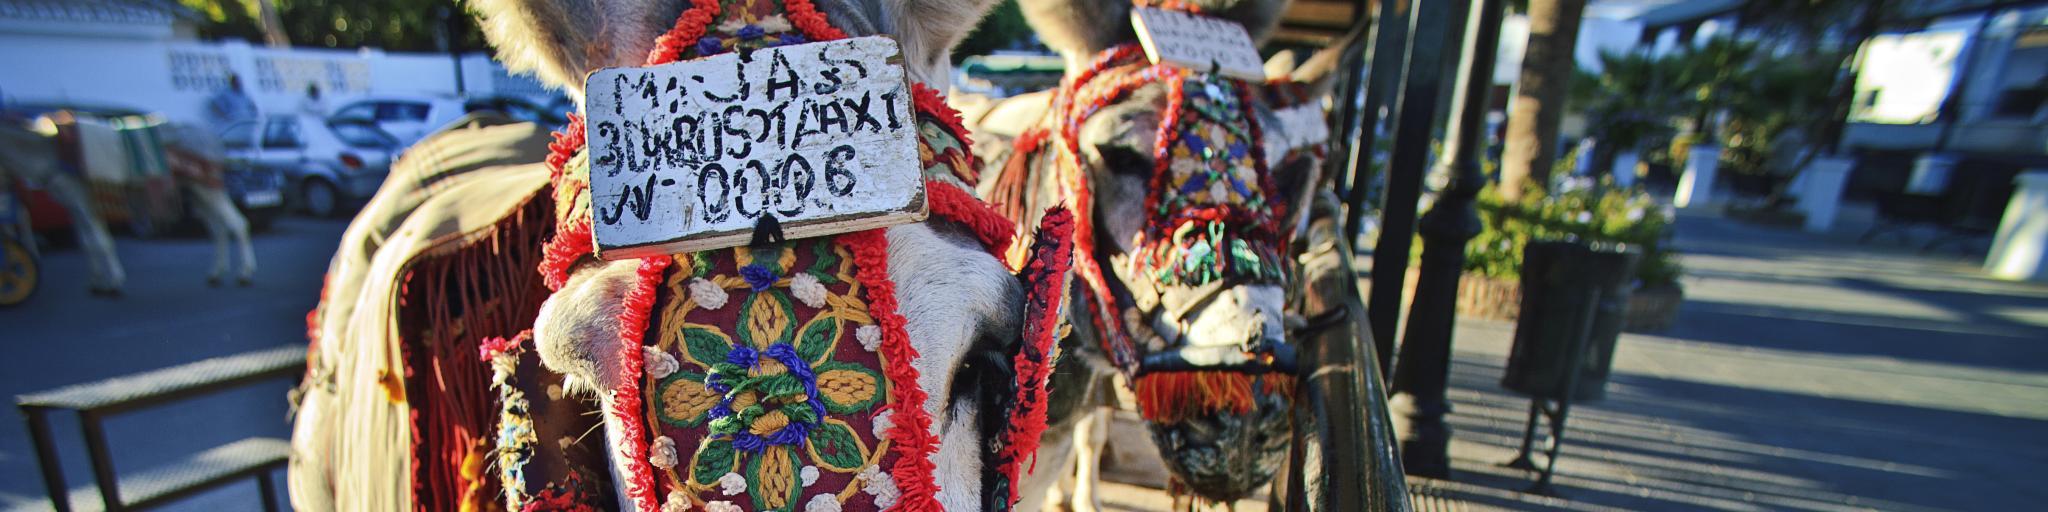 Mijas, Donkey Taxi